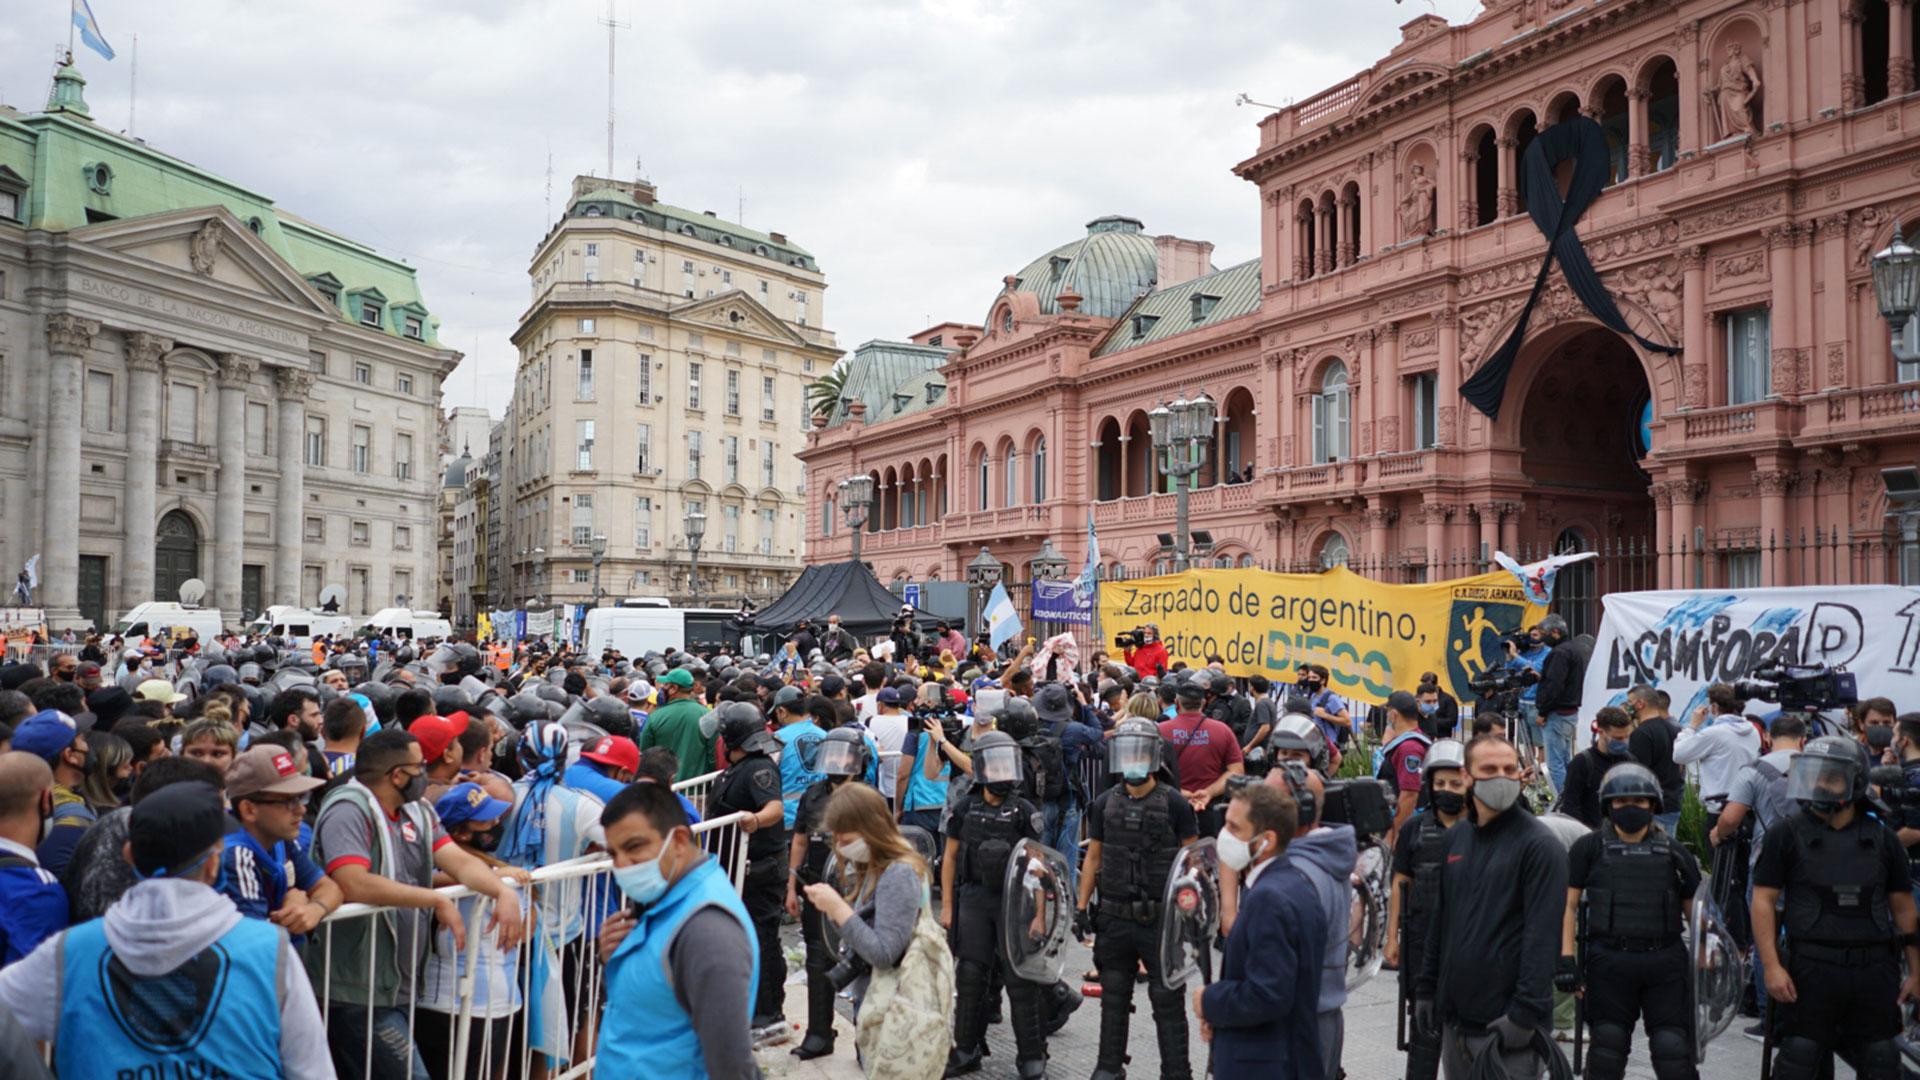 La multitud frente a Casa Rosada, que luce un crespón negro, luto por la muerte de Diego Maradona